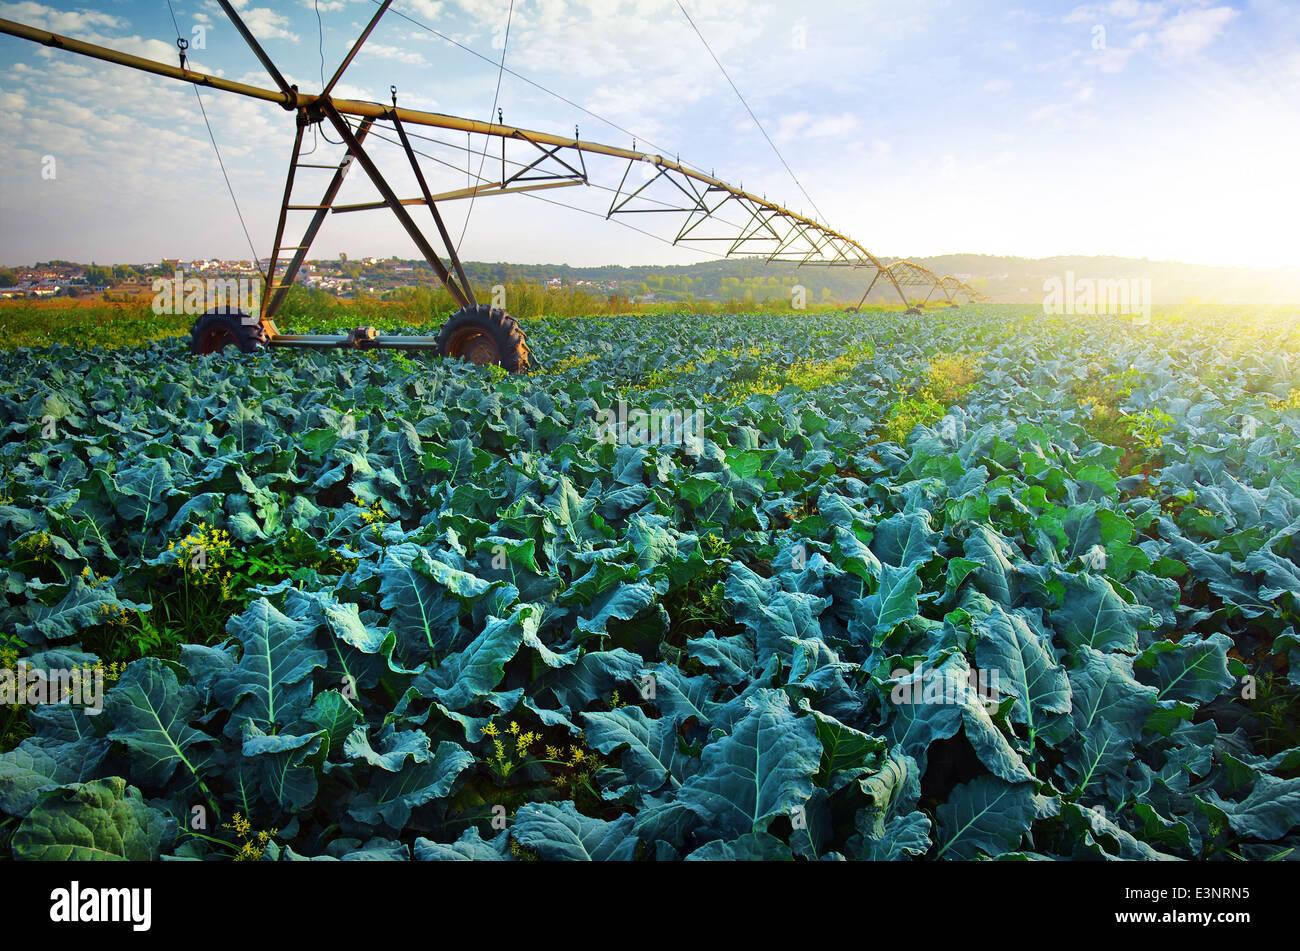 Agricoltura rurale campo con cultura di cavolo e moderno sistema di irrigazione. Immagini Stock